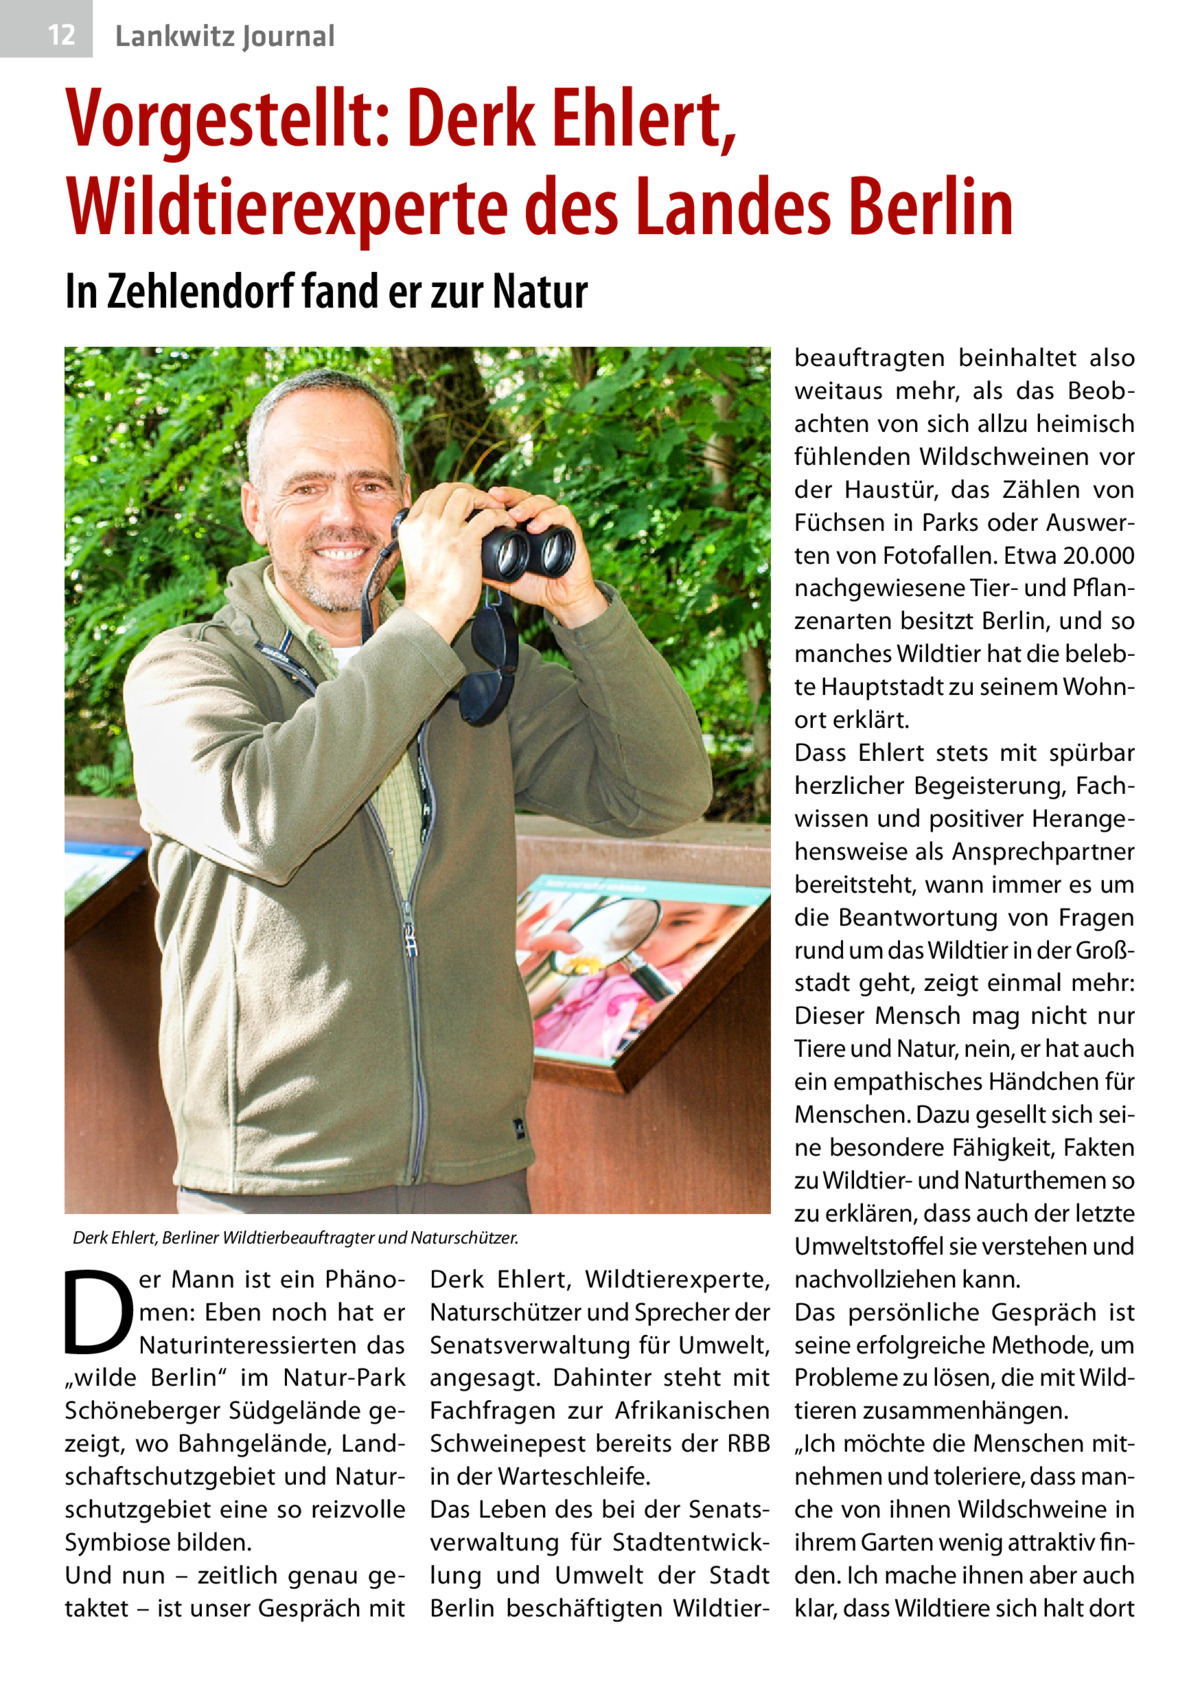 """12  Lankwitz Journal  Vorgestellt: Derk Ehlert, Wildtierexperte des Landes Berlin In Zehlendorf fand er zur Natur  Derk Ehlert, Berliner Wildtierbeauftragter und Naturschützer.  D  er Mann ist ein Phänomen: Eben noch hat er Naturinteressierten das """"wilde Berlin"""" im Natur-Park Schöneberger Südgelände gezeigt, wo Bahngelände, Landschaftschutzgebiet und Naturschutzgebiet eine so reizvolle Symbiose bilden. Und nun – zeitlich genau getaktet – ist unser Gespräch mit  Derk Ehlert, Wildtierexperte, Naturschützer und Sprecher der Senatsverwaltung für Umwelt, angesagt. Dahinter steht mit Fachfragen zur Afrikanischen Schweinepest bereits der RBB in der Warteschleife. Das Leben des bei der Senatsverwaltung für Stadtentwicklung und Umwelt der Stadt Berlin beschäftigten Wildtier beauftragten beinhaltet also weitaus mehr, als das Beobachten von sich allzu heimisch fühlenden Wildschweinen vor der Haustür, das Zählen von Füchsen in Parks oder Auswerten von Fotofallen. Etwa 20.000 nachgewiesene Tier- und Pflanzenarten besitzt Berlin, und so manches Wildtier hat die belebte Hauptstadt zu seinem Wohnort erklärt. Dass Ehlert stets mit spürbar herzlicher Begeisterung, Fachwissen und positiver Herangehensweise als Ansprechpartner bereitsteht, wann immer es um die Beantwortung von Fragen rund um das Wildtier in der Großstadt geht, zeigt einmal mehr: Dieser Mensch mag nicht nur Tiere und Natur, nein, er hat auch ein empathisches Händchen für Menschen. Dazu gesellt sich seine besondere Fähigkeit, Fakten zu Wildtier- und Naturthemen so zu erklären, dass auch der letzte Umweltstoffel sie verstehen und nachvollziehen kann. Das persönliche Gespräch ist seine erfolgreiche Methode, um Probleme zu lösen, die mit Wildtieren zusammenhängen. """"Ich möchte die Menschen mitnehmen und toleriere, dass manche von ihnen Wildschweine in ihrem Garten wenig attraktiv finden. Ich mache ihnen aber auch klar, dass Wildtiere sich halt dort"""